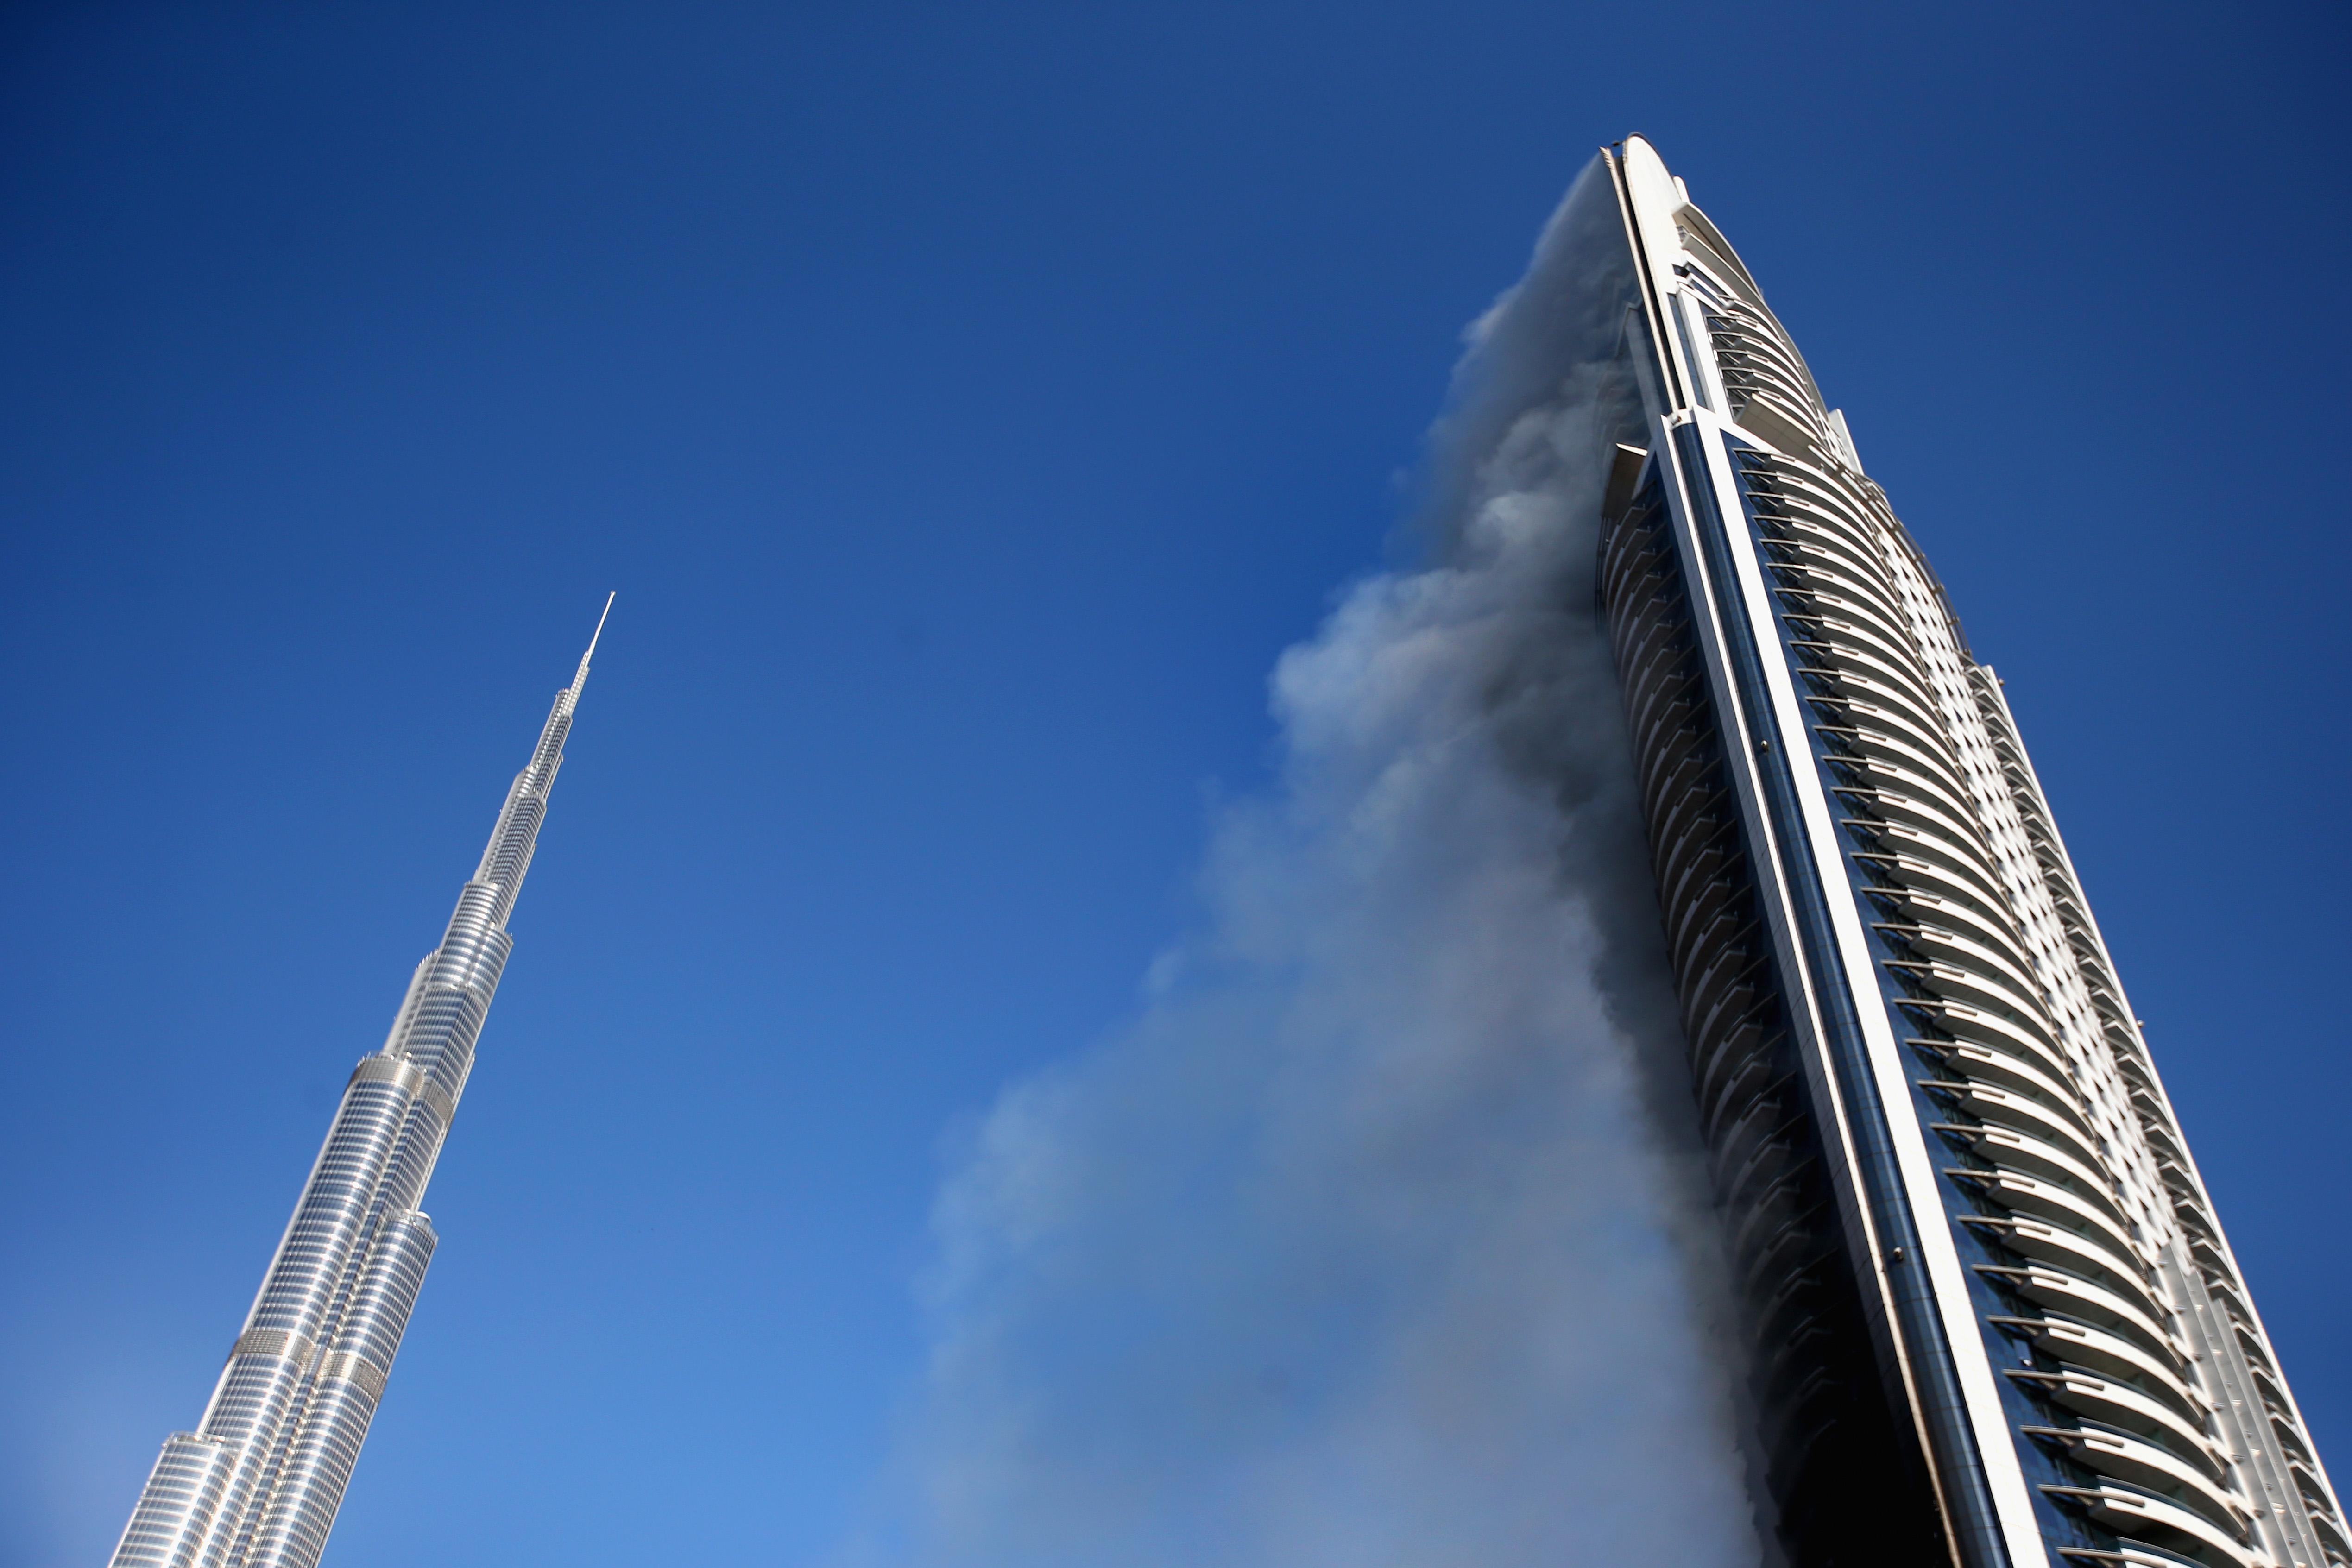 """Навръх 31 декември 2015 г. в Дубай пламна част отхотел """"Адрес Даунтаун"""", който се намира близо до небостъргача Бурдж Халифа. Пожарът обхвананай-малко 20 етажа от хотела. При инцидента най-малко 16 души бяха ранени, мнозинството - леко.Отломки от горящата сградападахана улицата от височина около 300 м. Пожарът, който по-късно се оказа, че е бил причинен от късо съединение,не спря новогодишните празненствата в Дубай."""